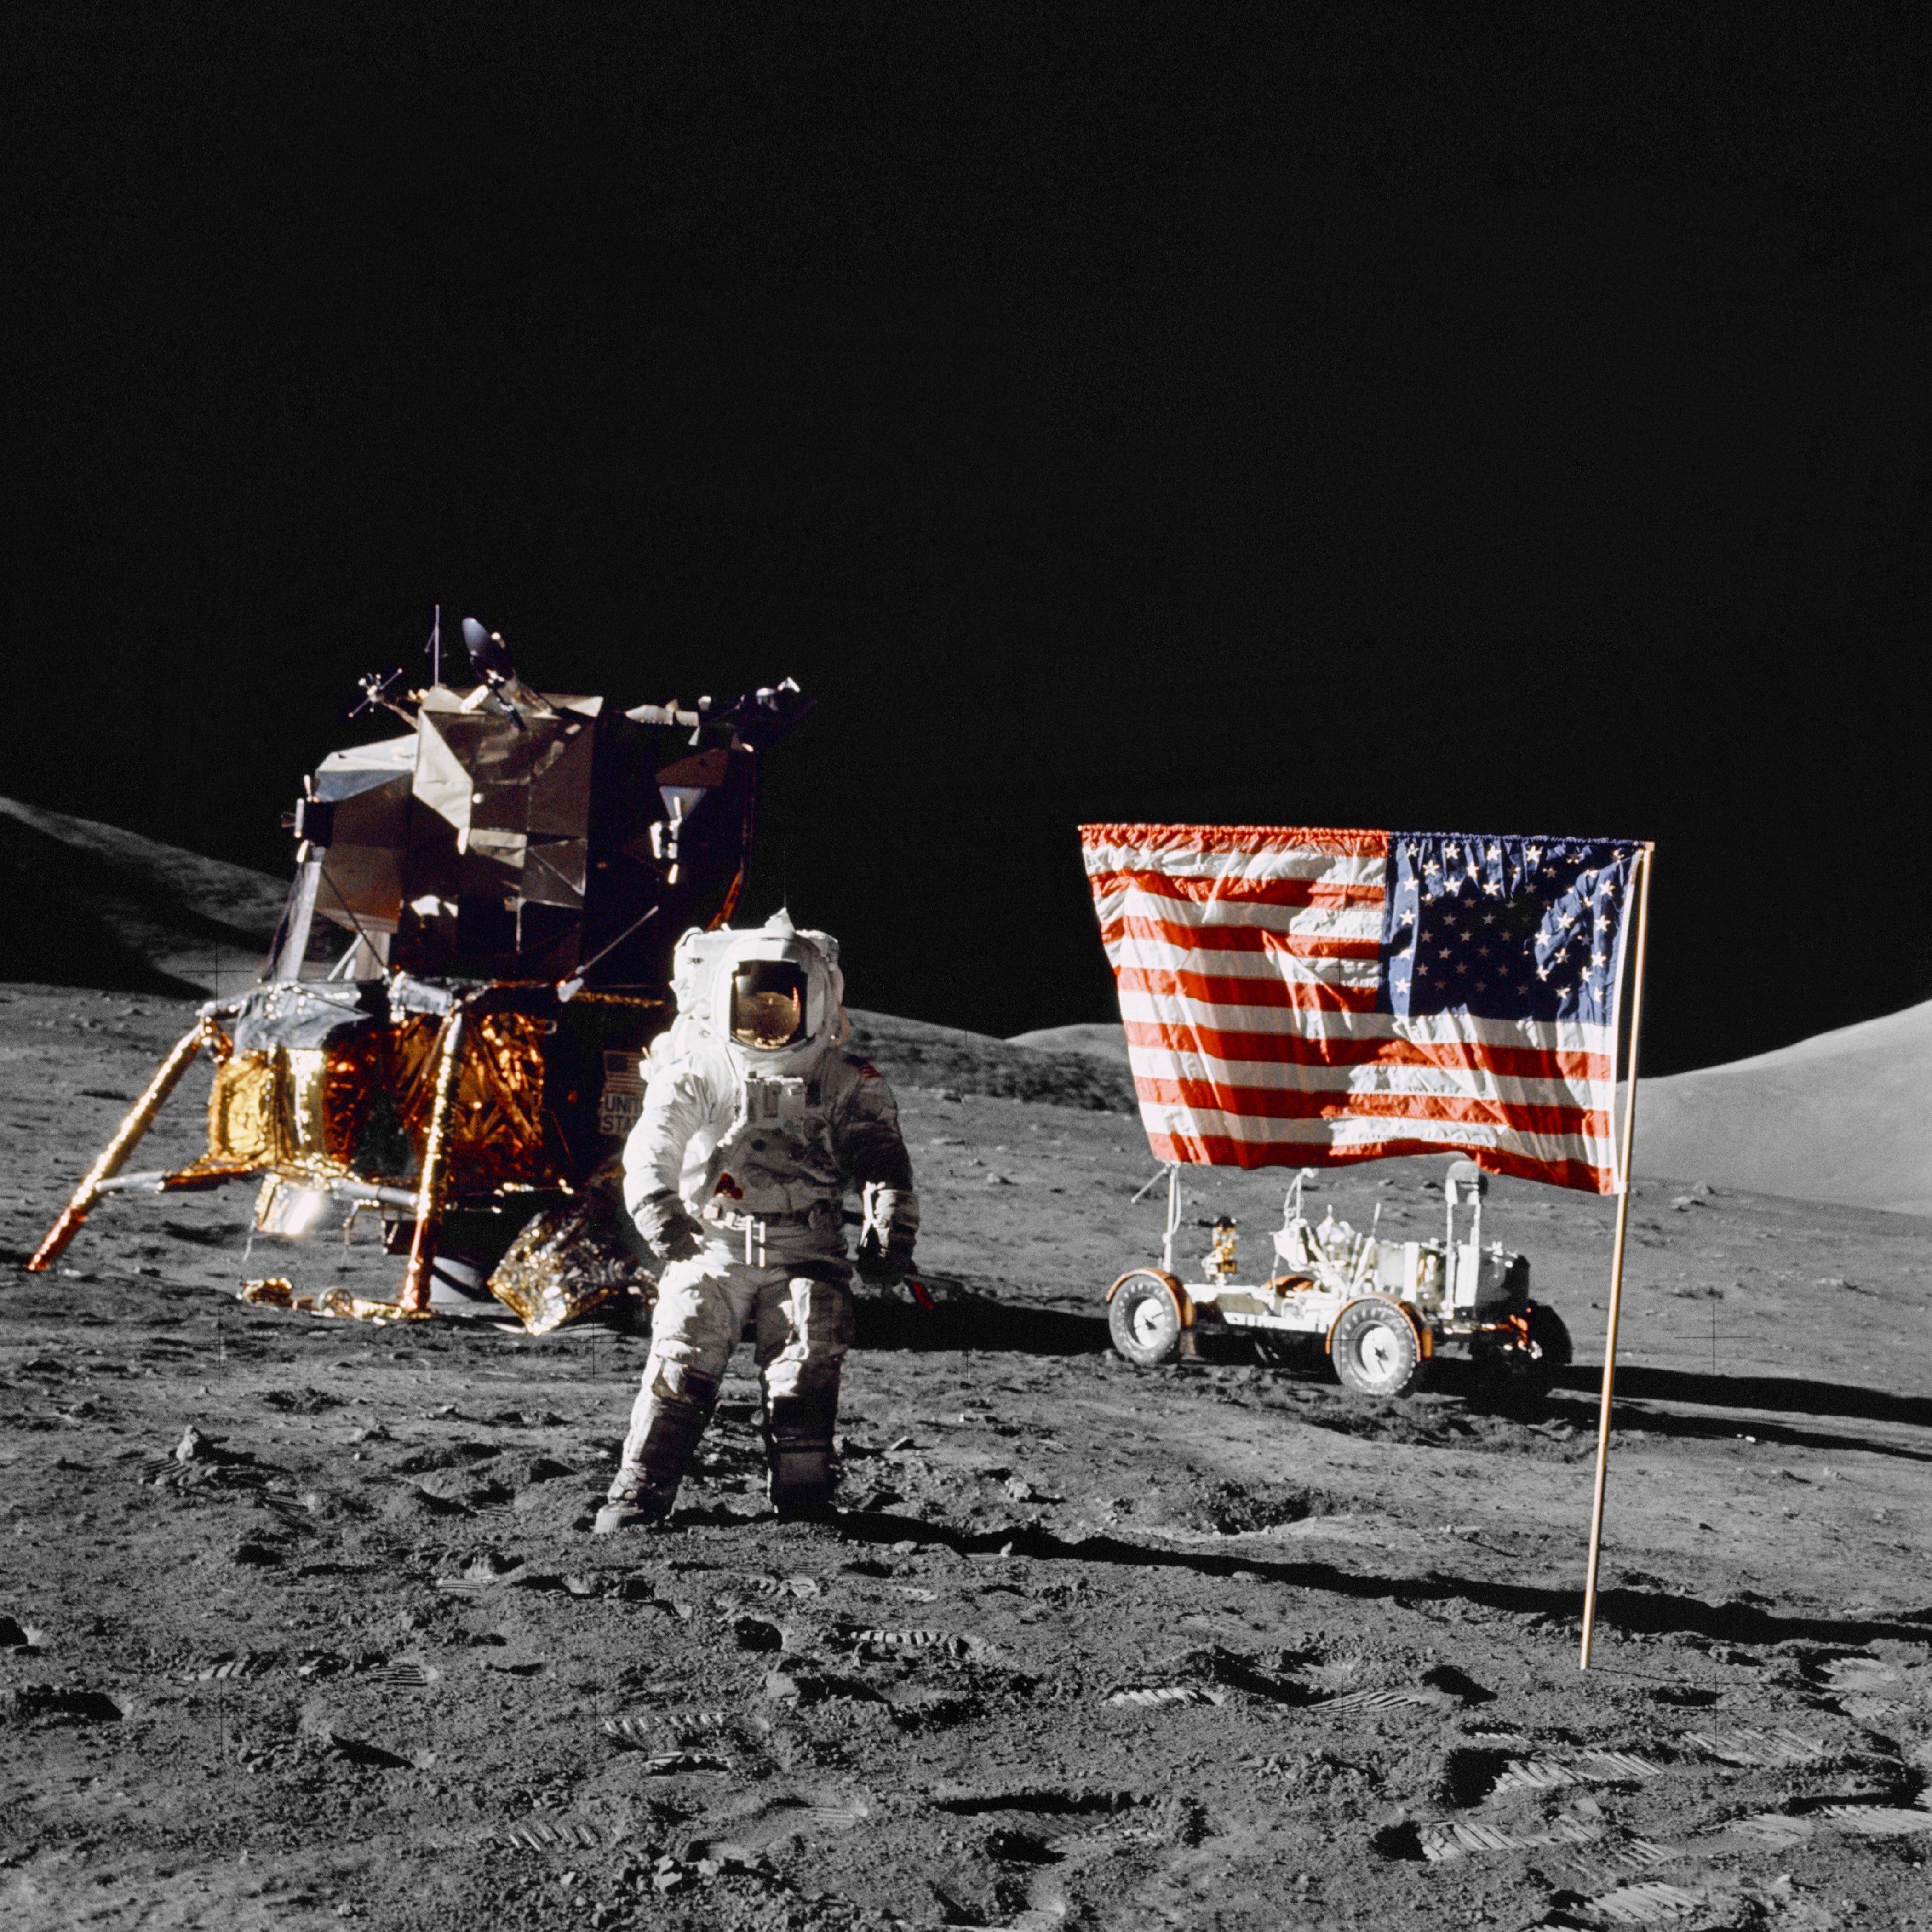 La NASA veut envoyer une femme sur la Lune avec sa mission